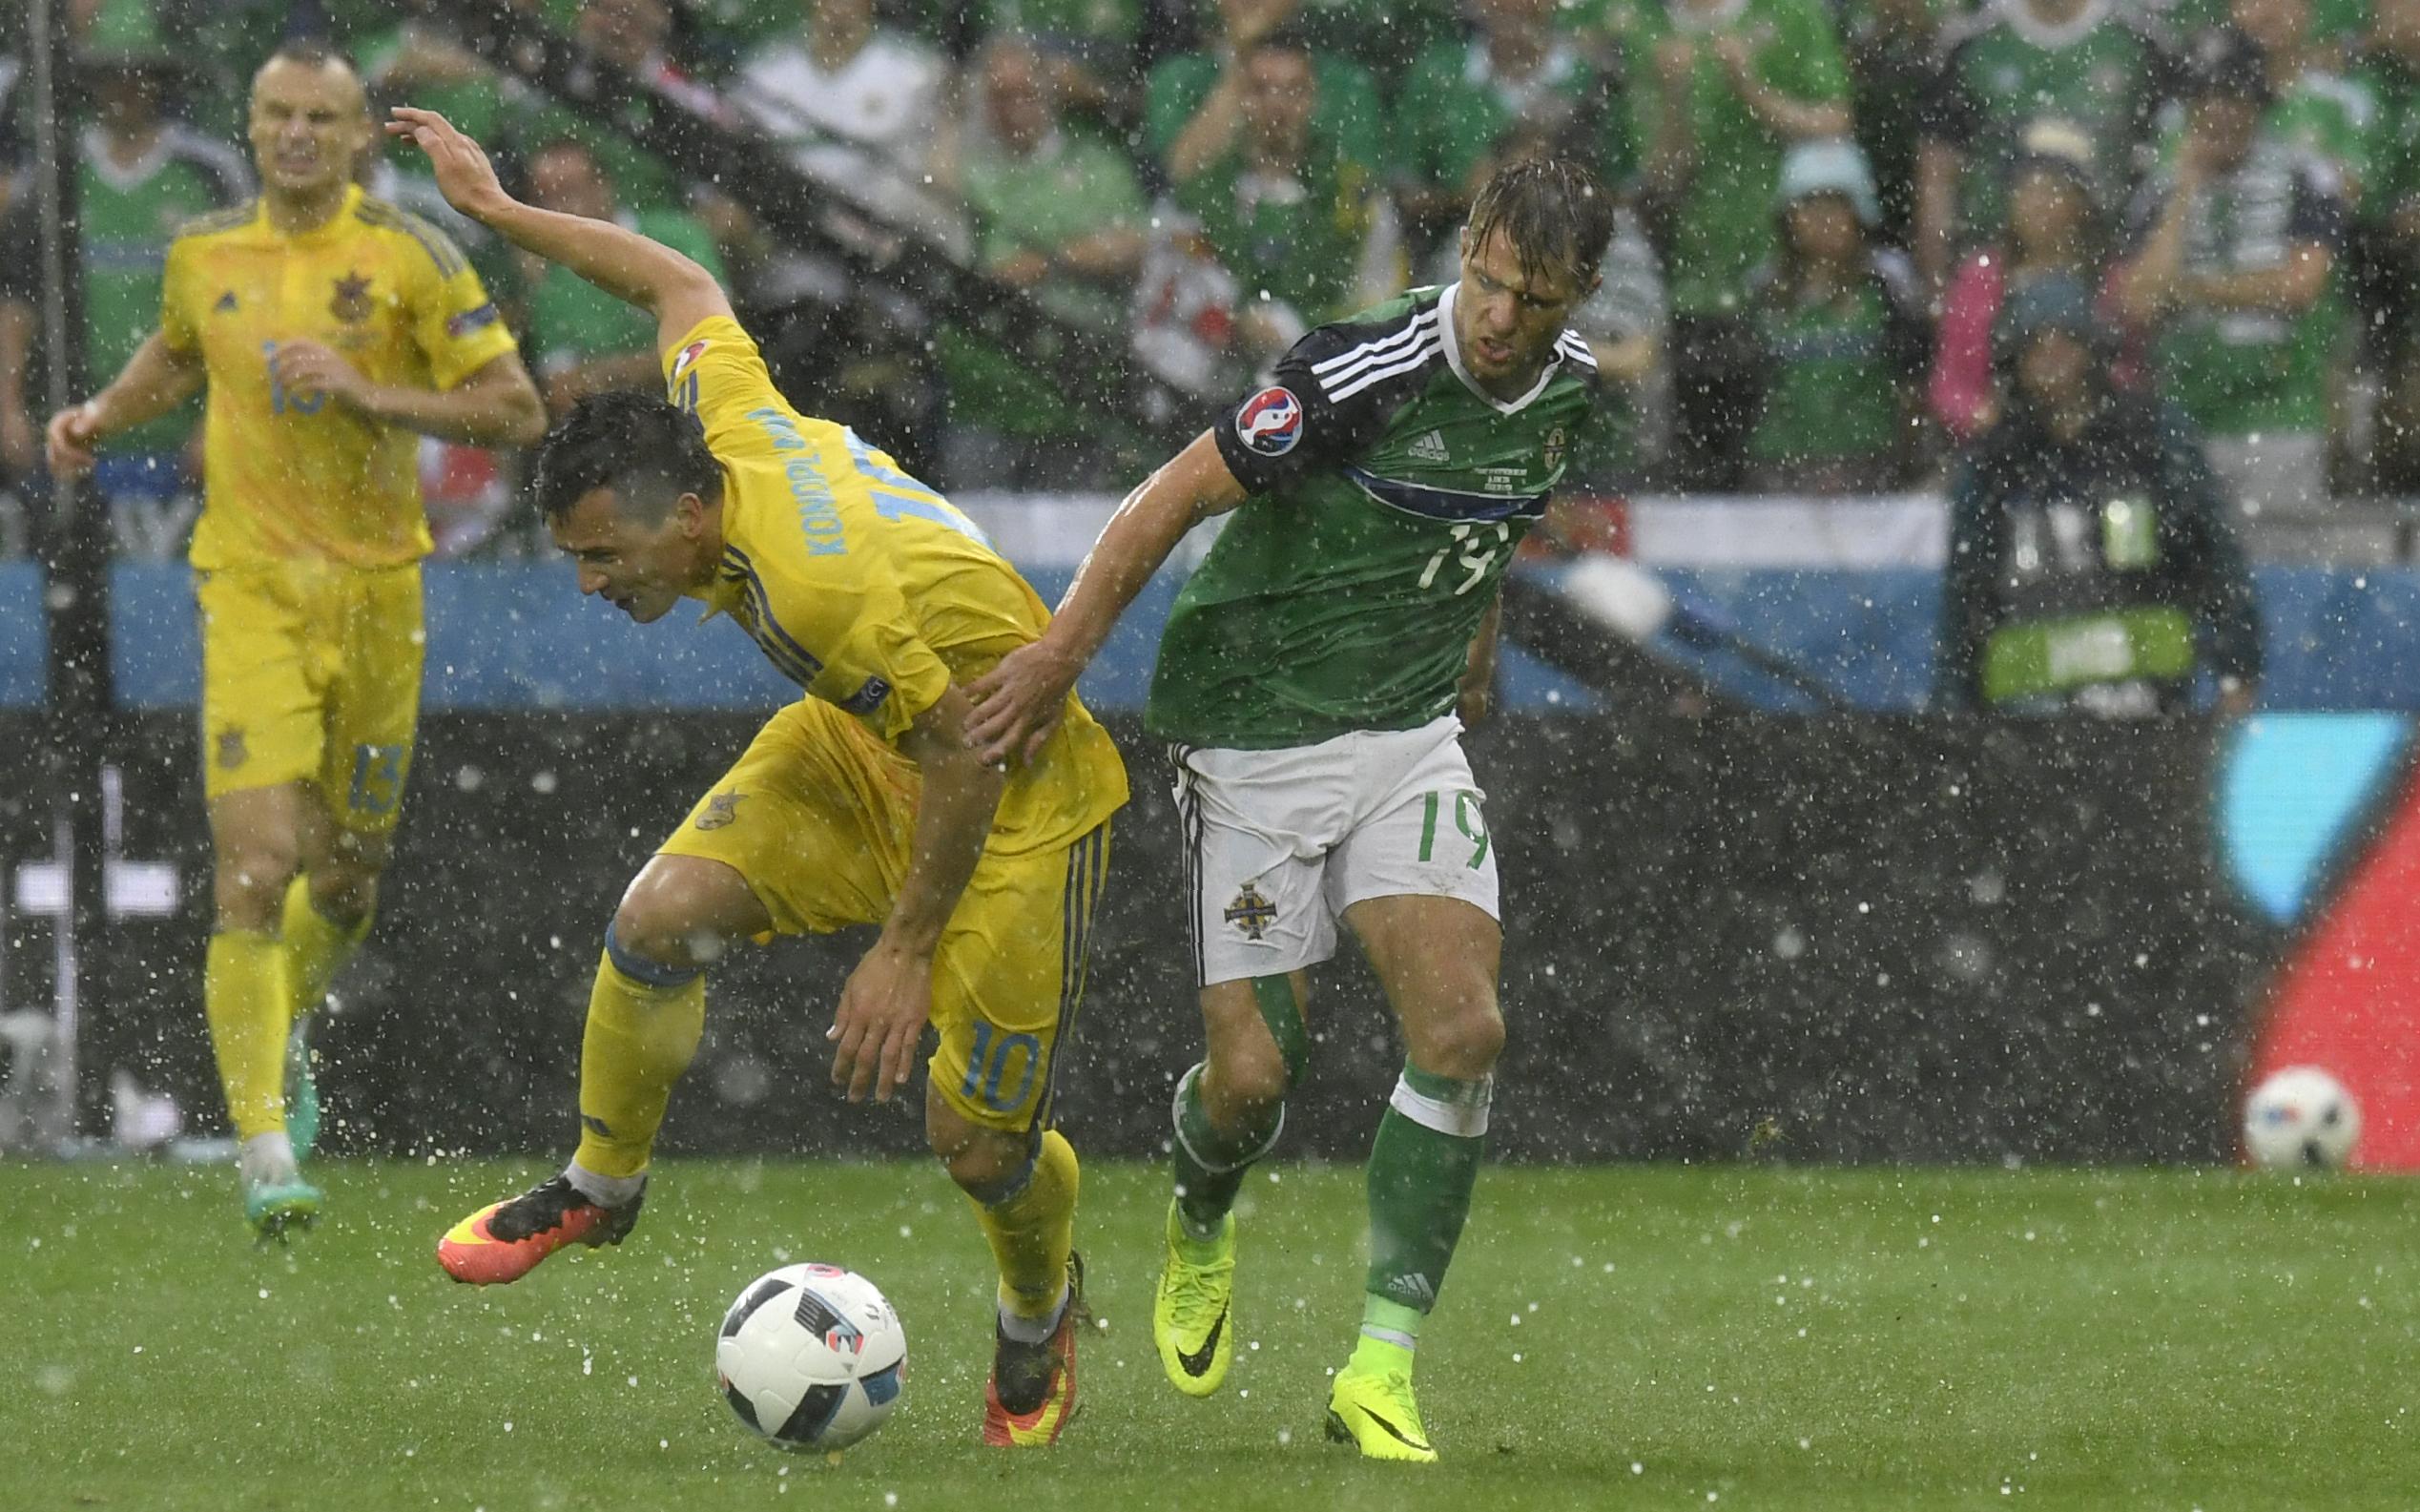 Észak-Írország 2-0-ra legyőzte Ukrajnát